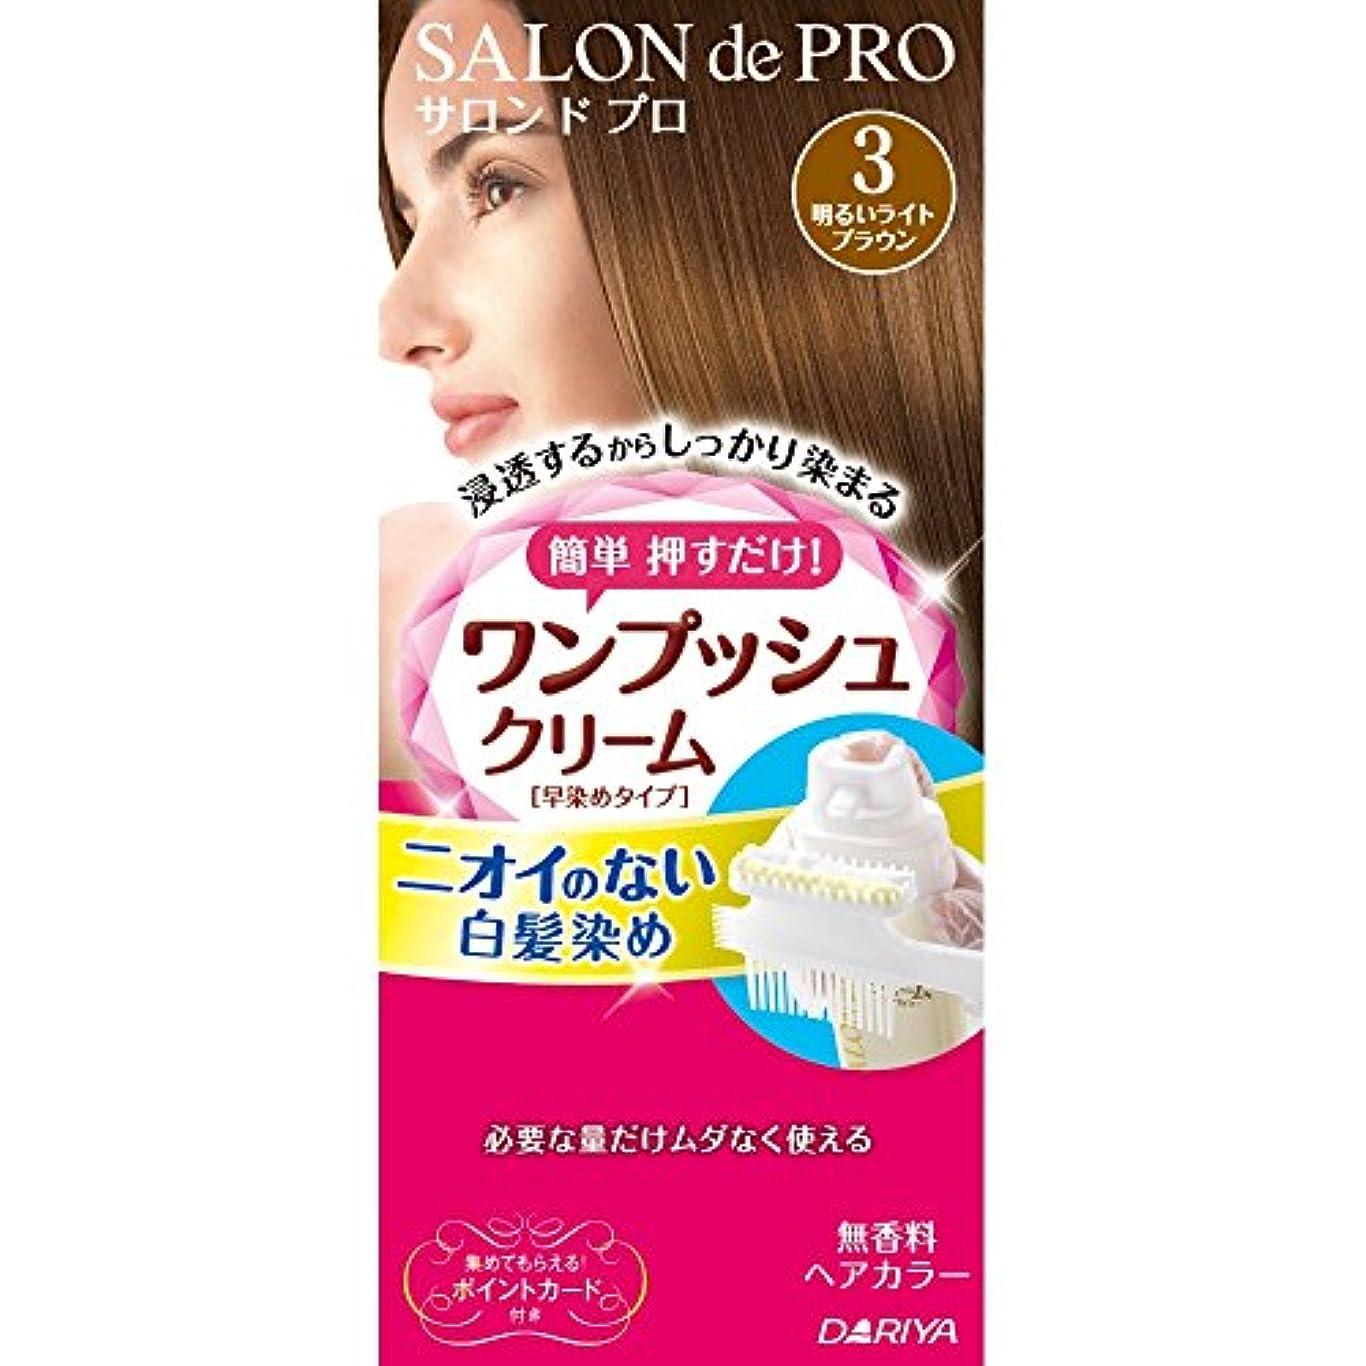 サロンドプロ ワンプッシュクリームヘアカラー 3 40g+40g